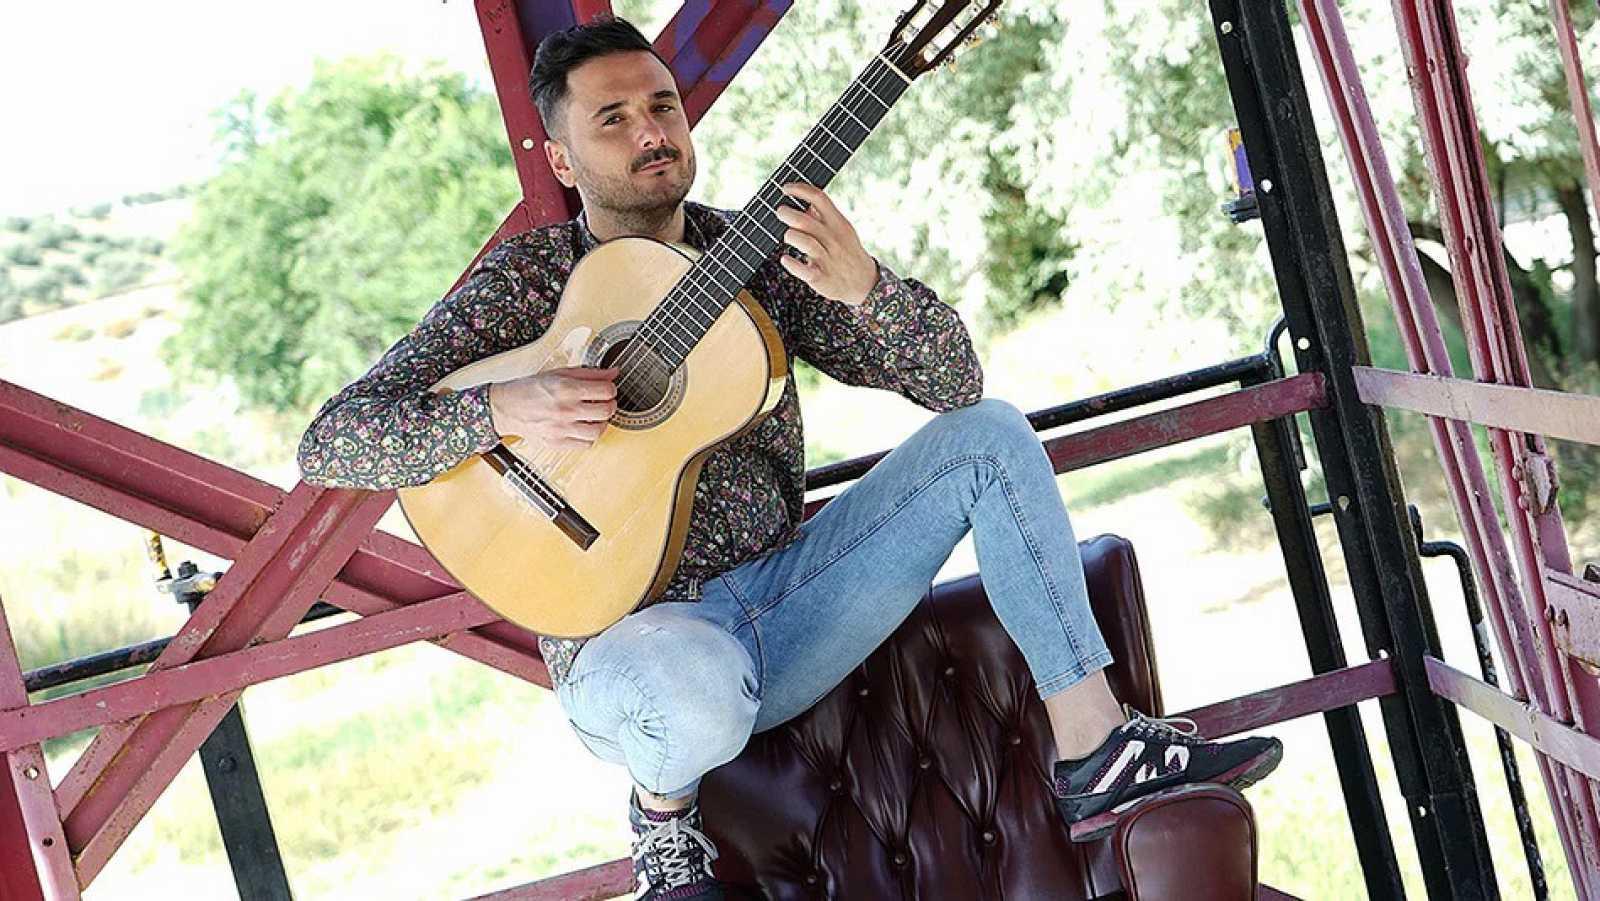 Tiempo Flamenco - Los nuevos proyectos de Riki Rivera - 07/03/21 - escuchar ahora